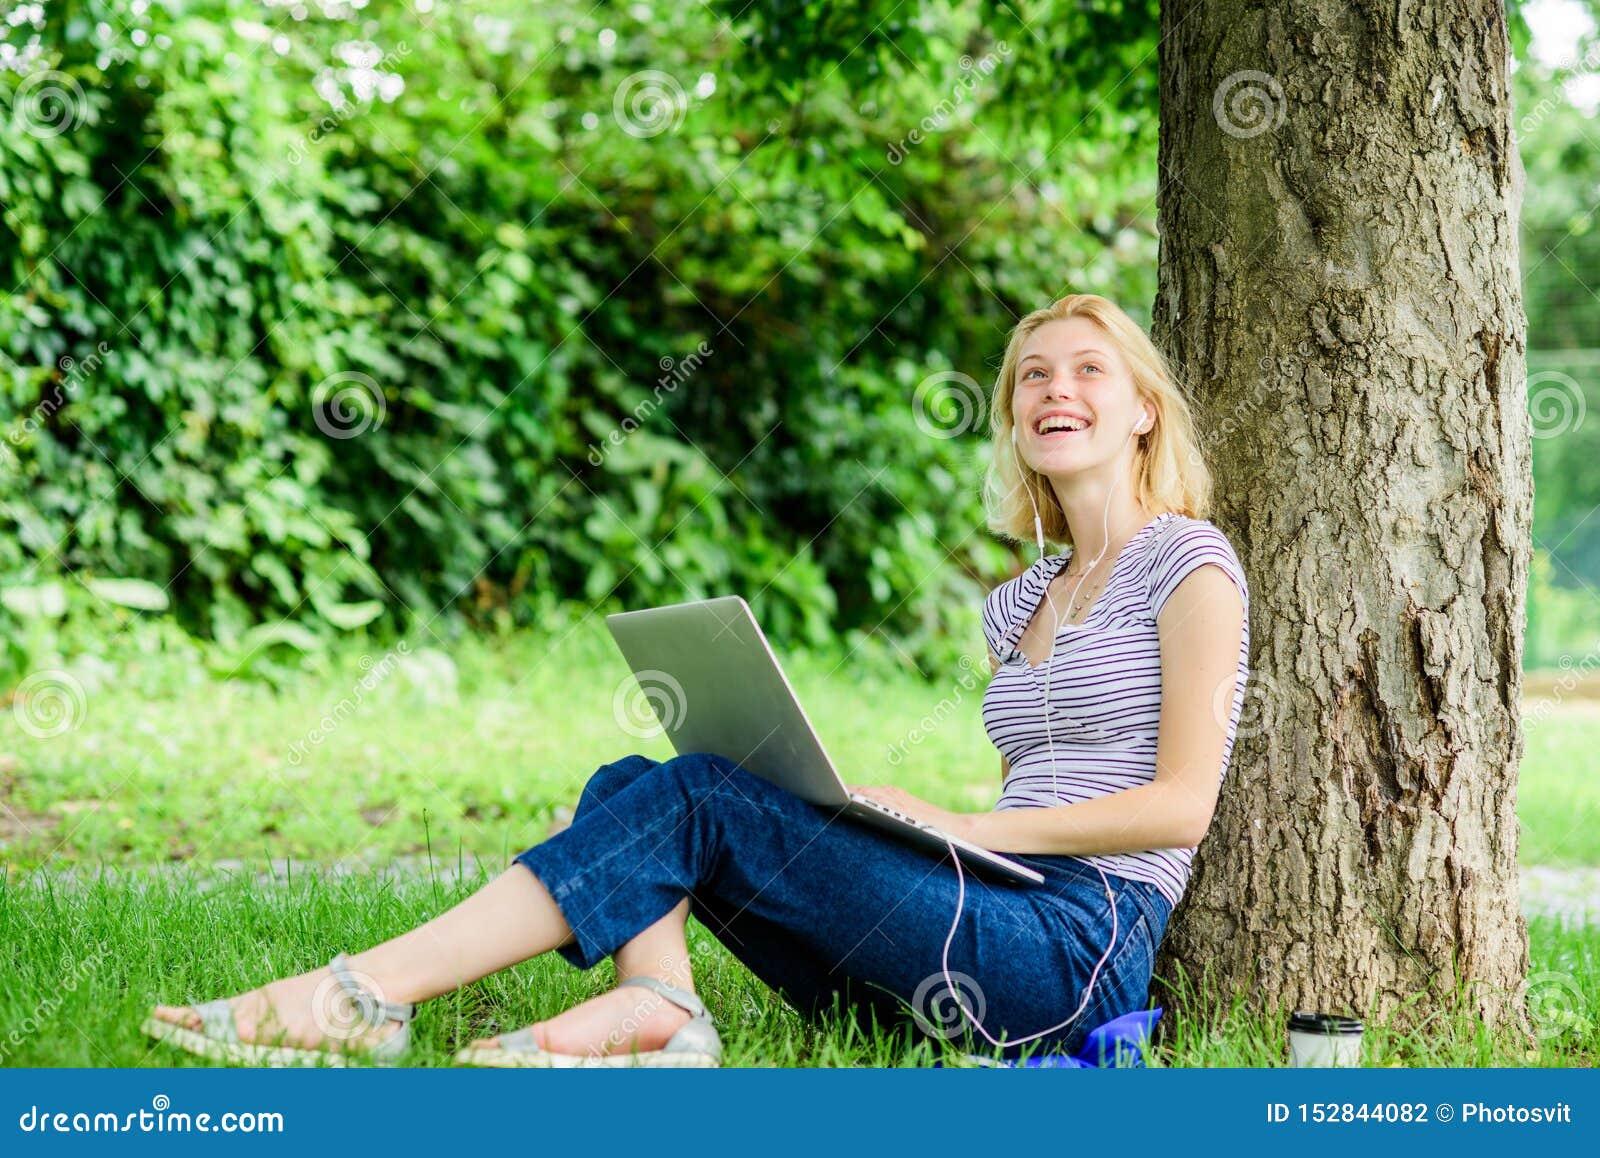 Работа для девушки на лето заработать моделью онлайн в катав ивановск